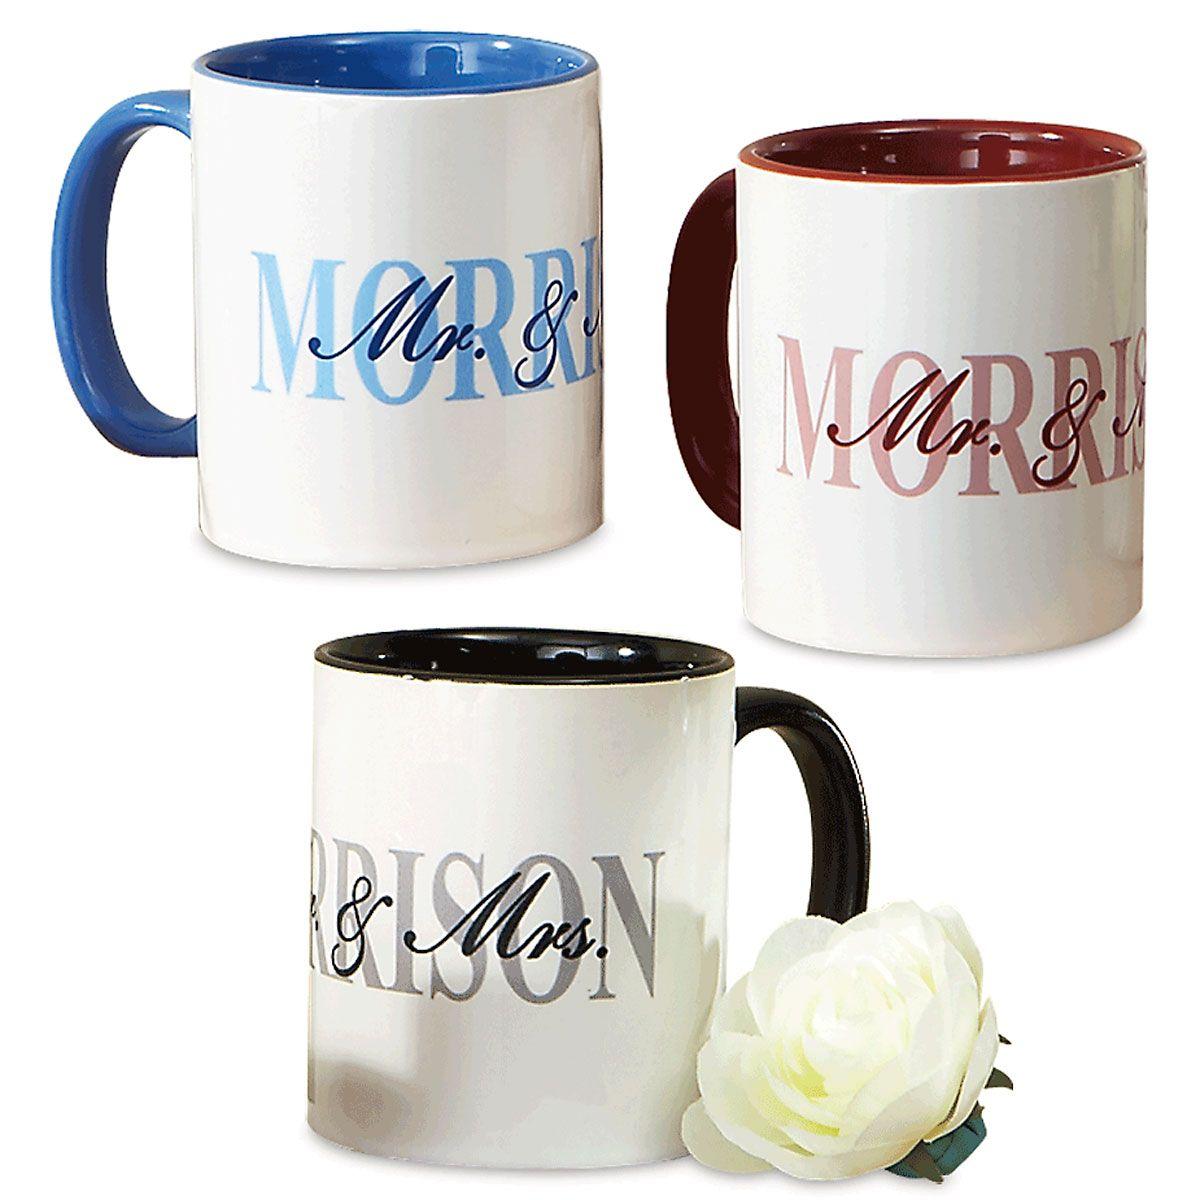 Mr. and Mrs. Personalized Mug